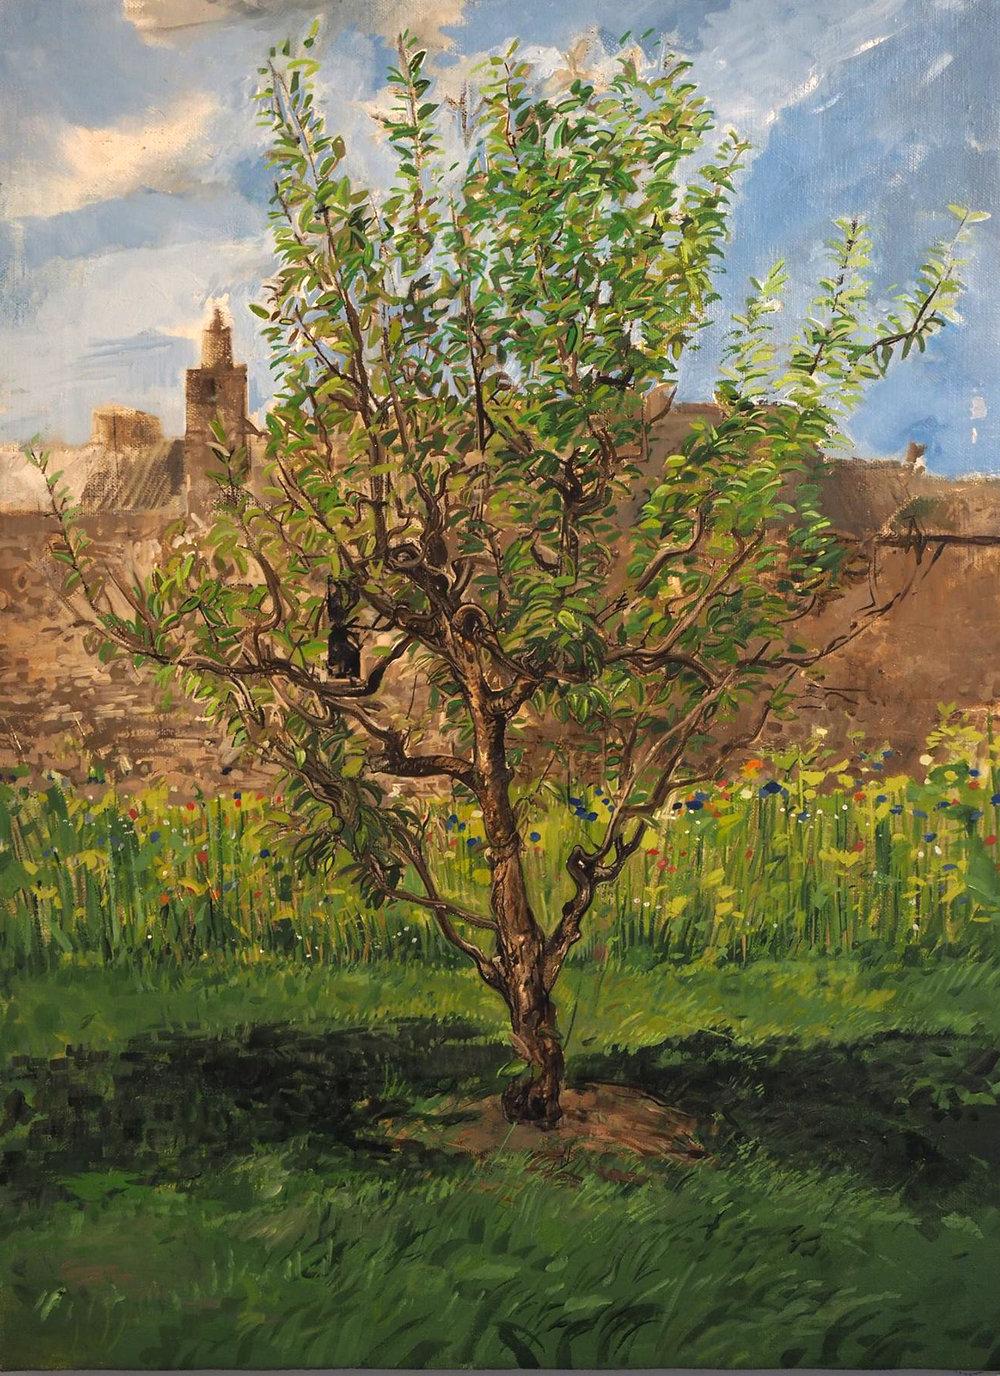 """Pear Tree,acrylic on canvas, 30"""" x 40"""" image courtesy of Jave Yoshimoto"""